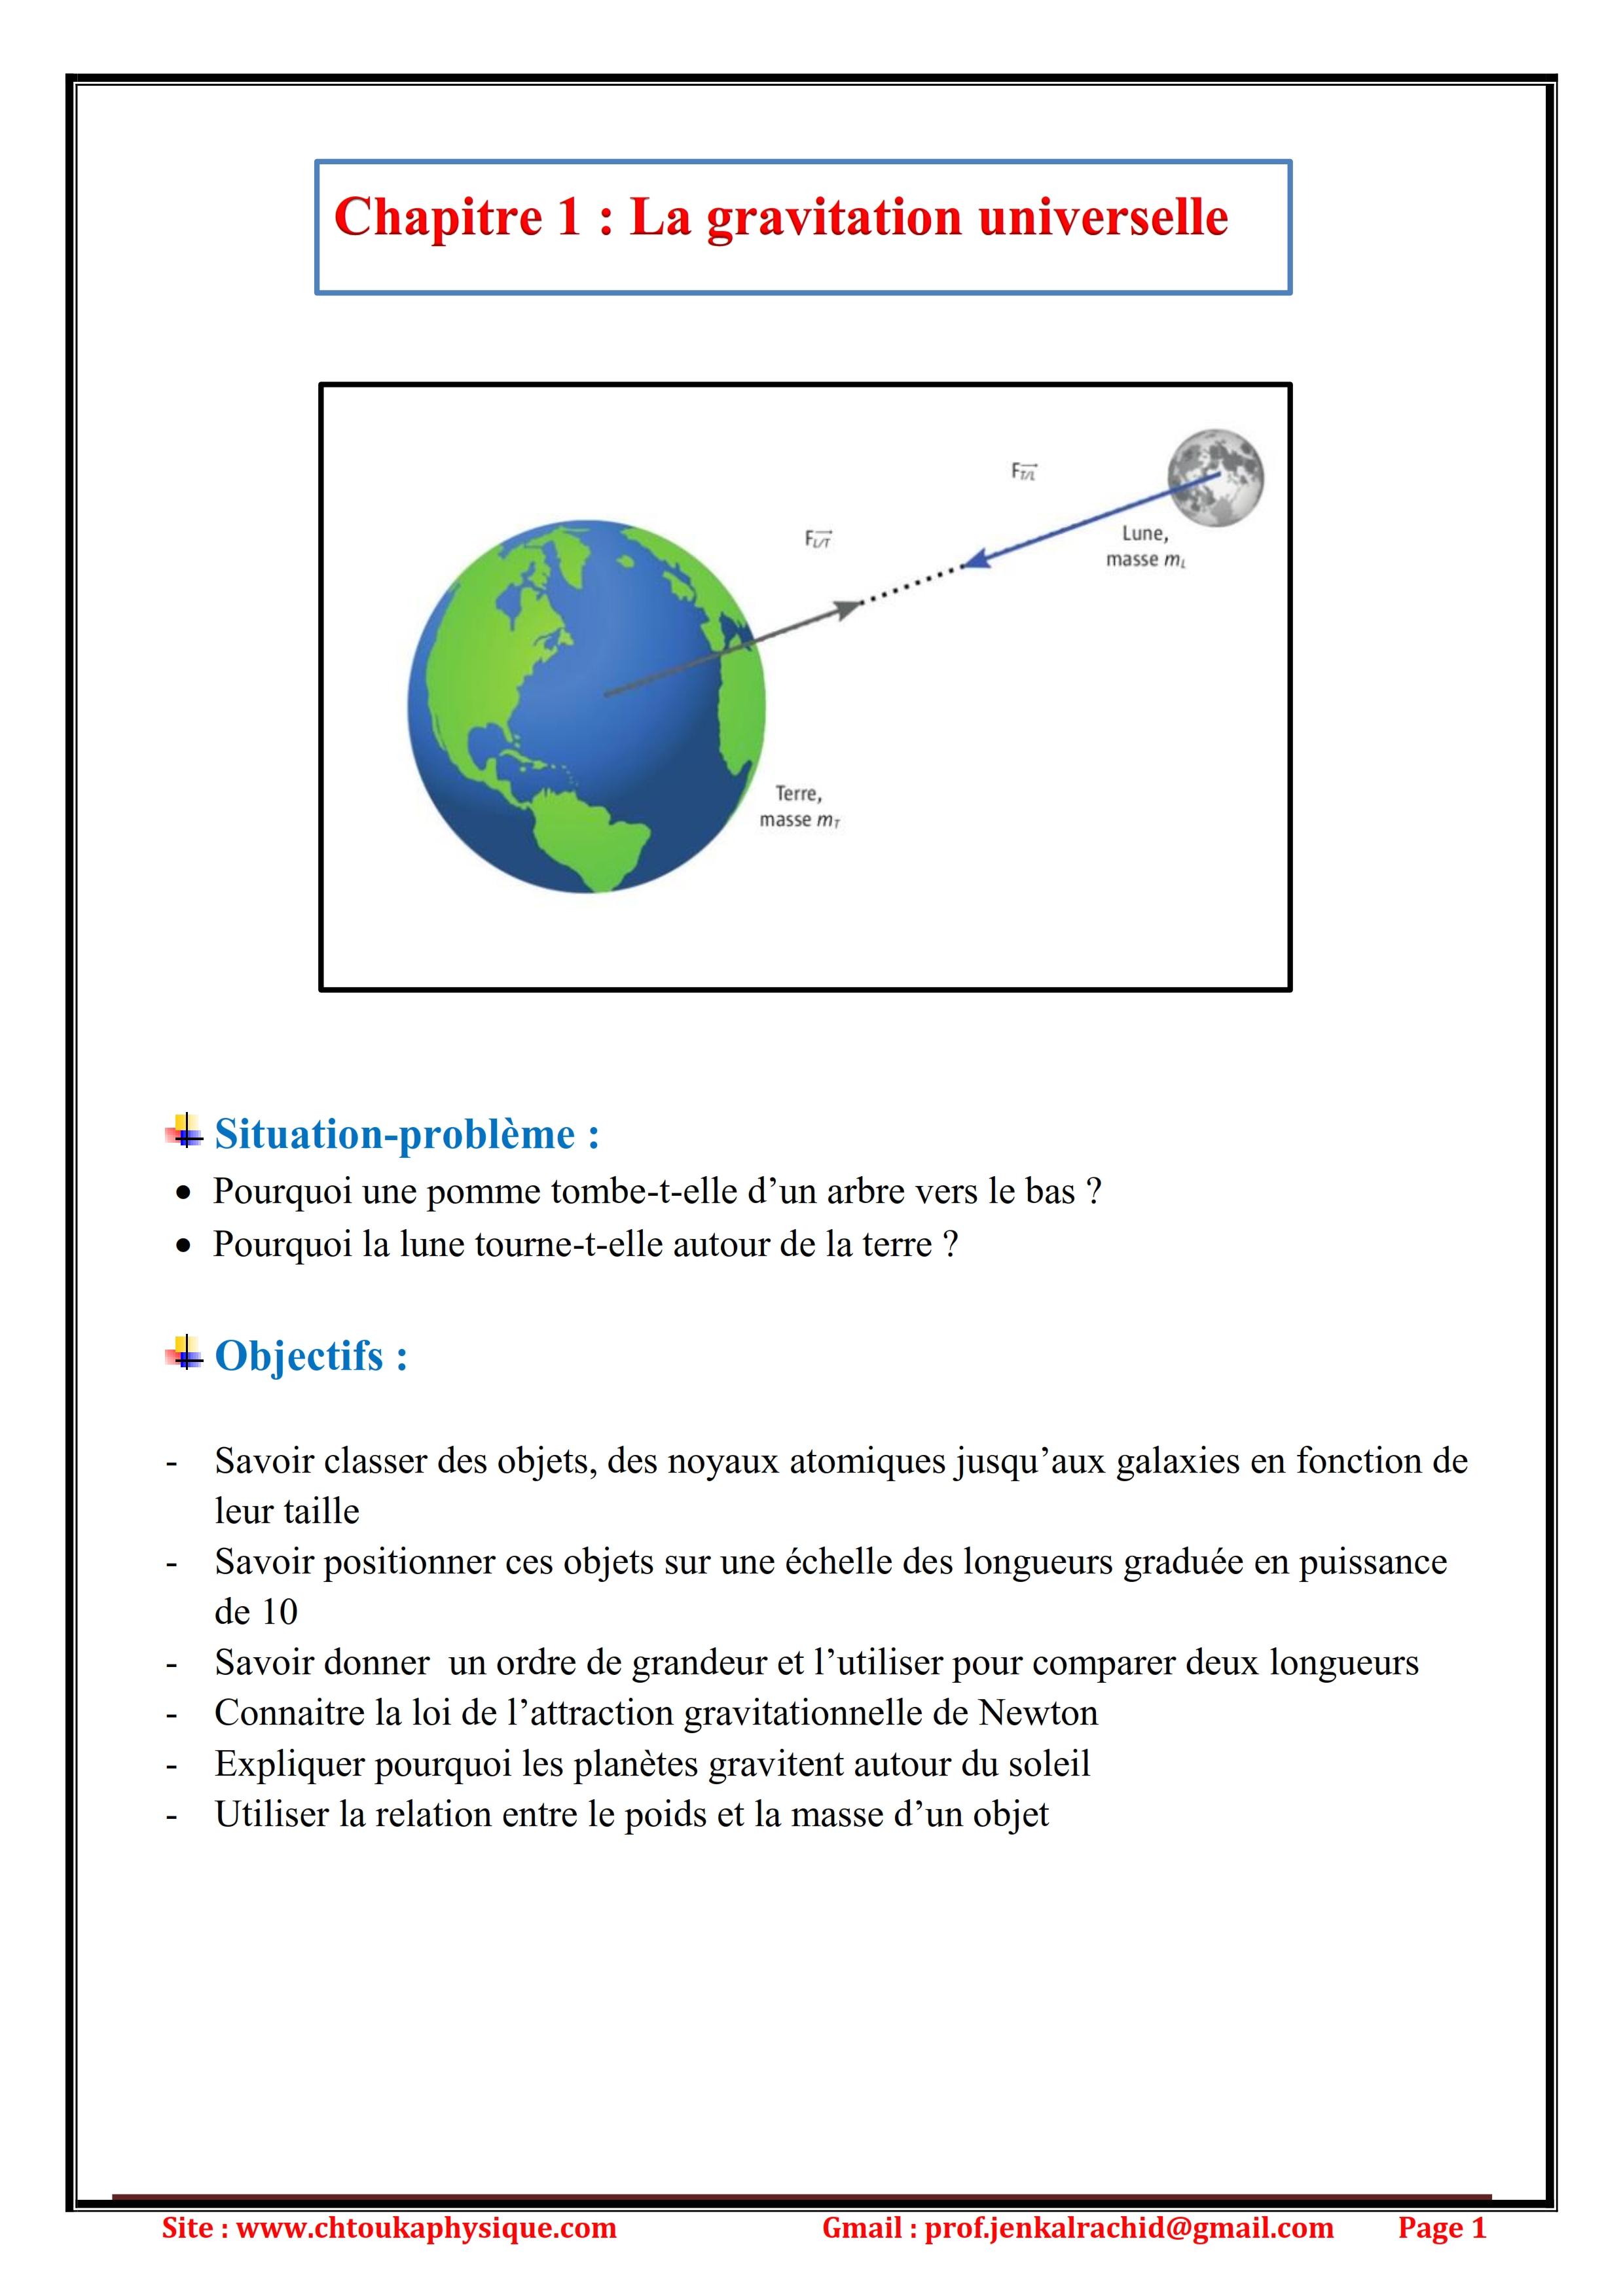 Chapitre 1 : La gravitation universelle : Cours, Activités et Exercices d'application TC BIOF